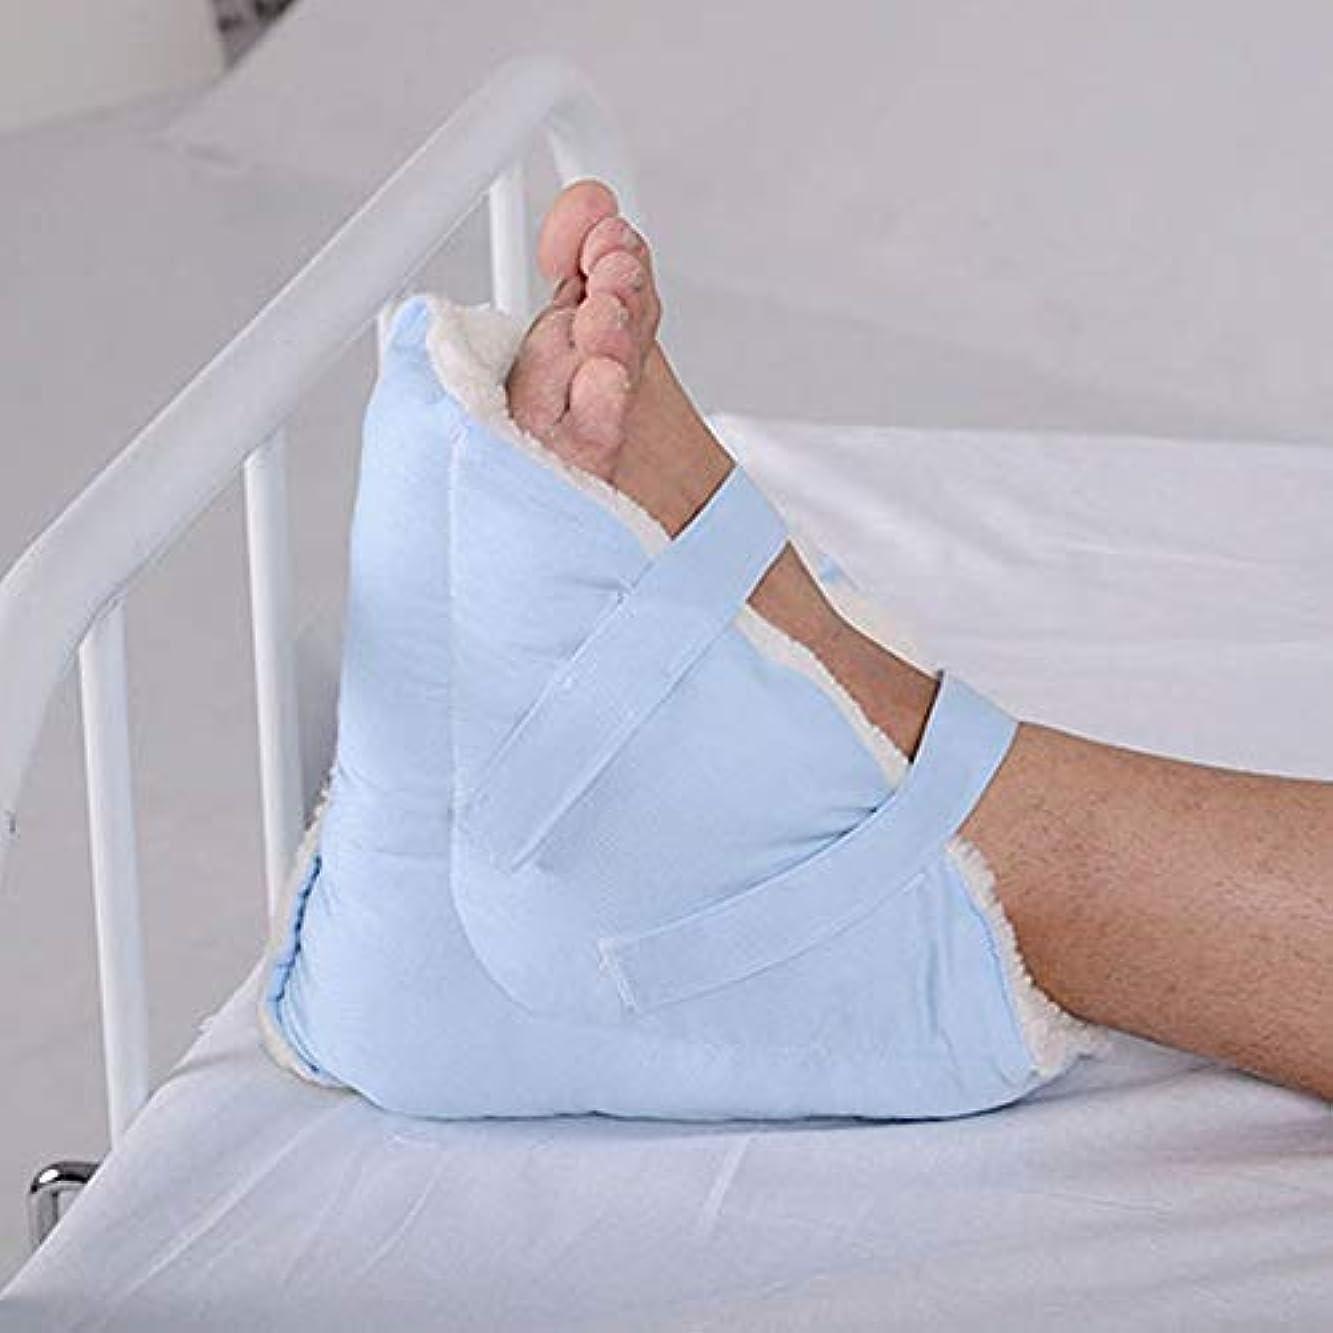 パイントヒップぴかぴか医療用ヒールクッションプロテクター - 足と足首の枕ガード1組   - 合成 ラムスウールフリースパッド入り - 圧力開放